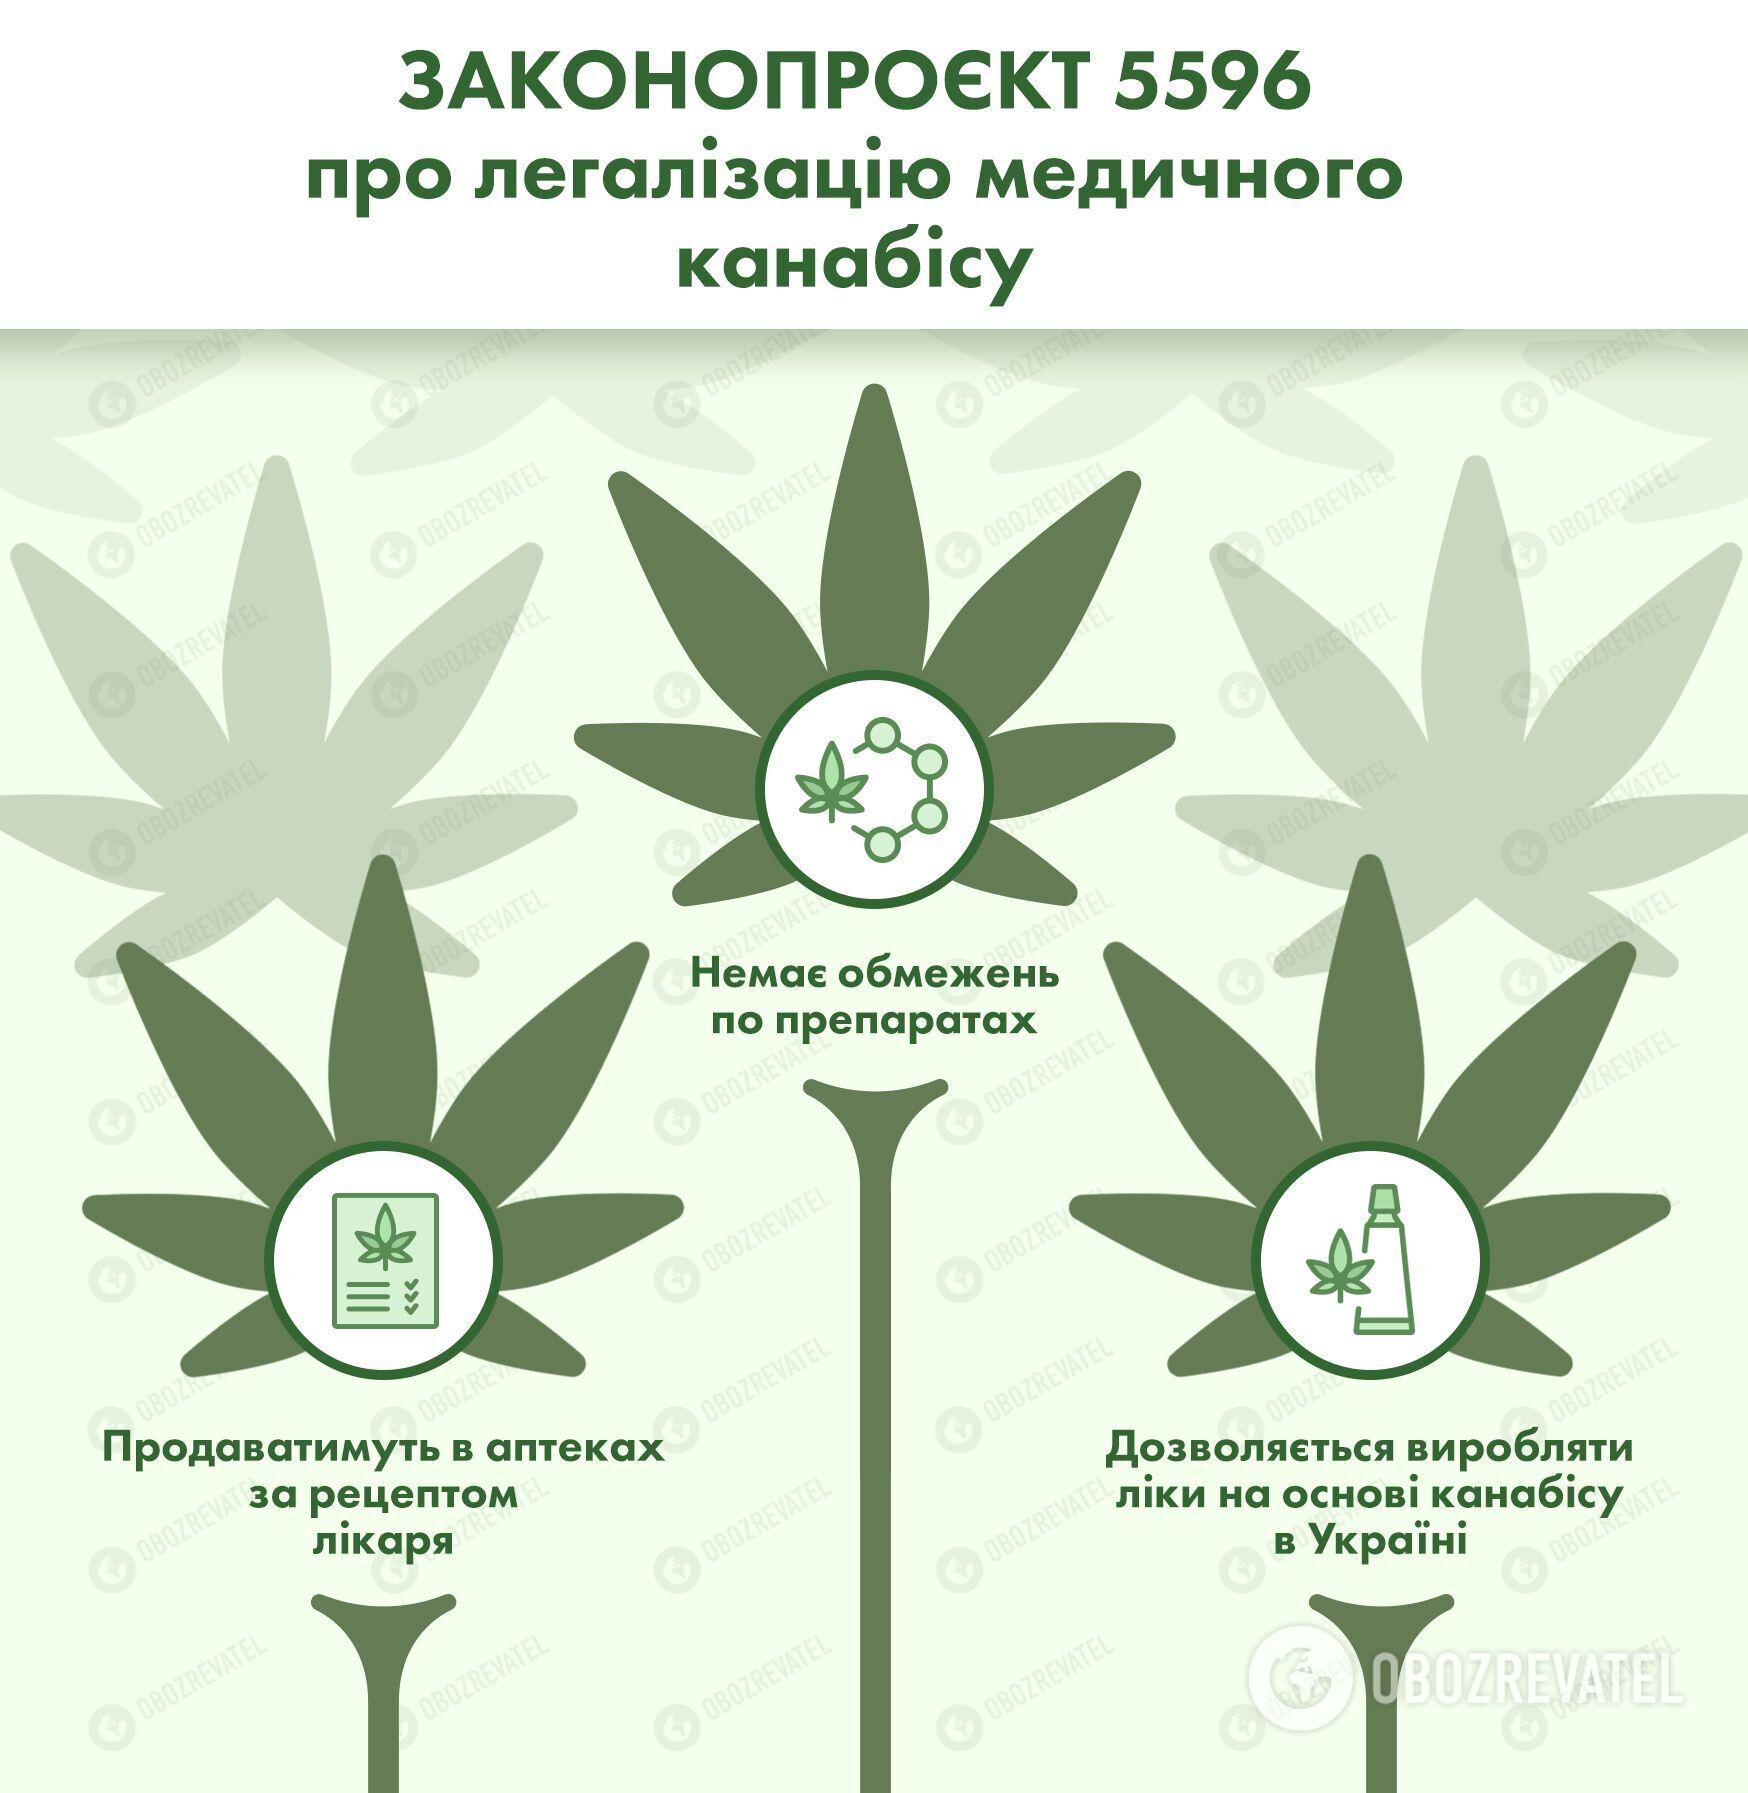 В Раде будут рассматривать законопроект о легализации медицинского каннабиса.